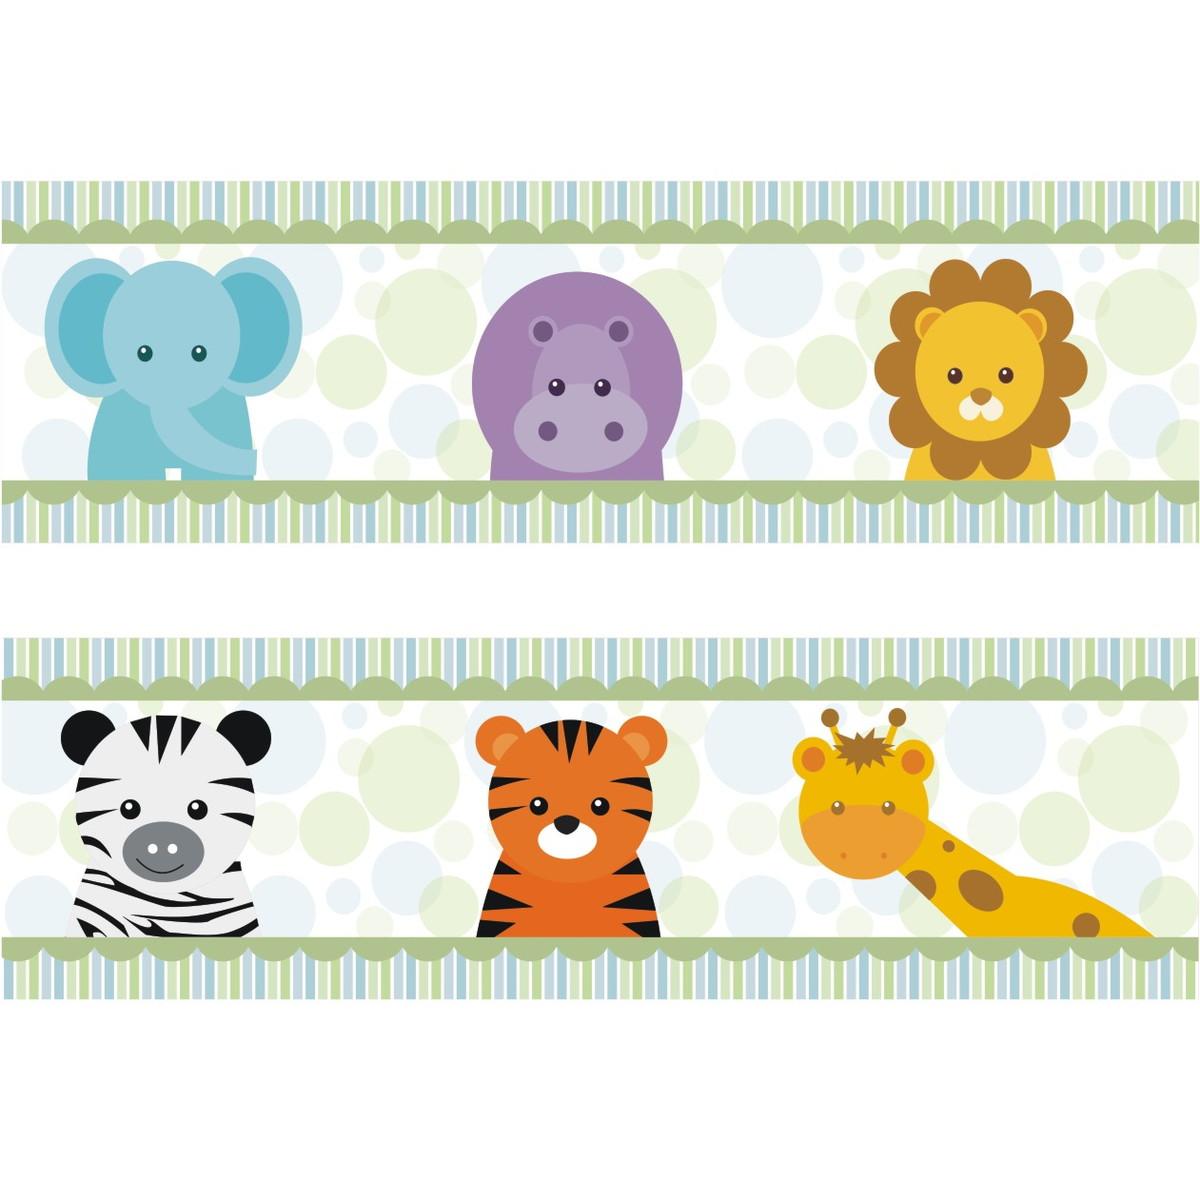 Adesivo Faixa Border Kit Zoo Safari M28 Quartinhodecorado Elo7 ~ Paredes De Gesso Para Quarto E Quarto De Bebe Floresta